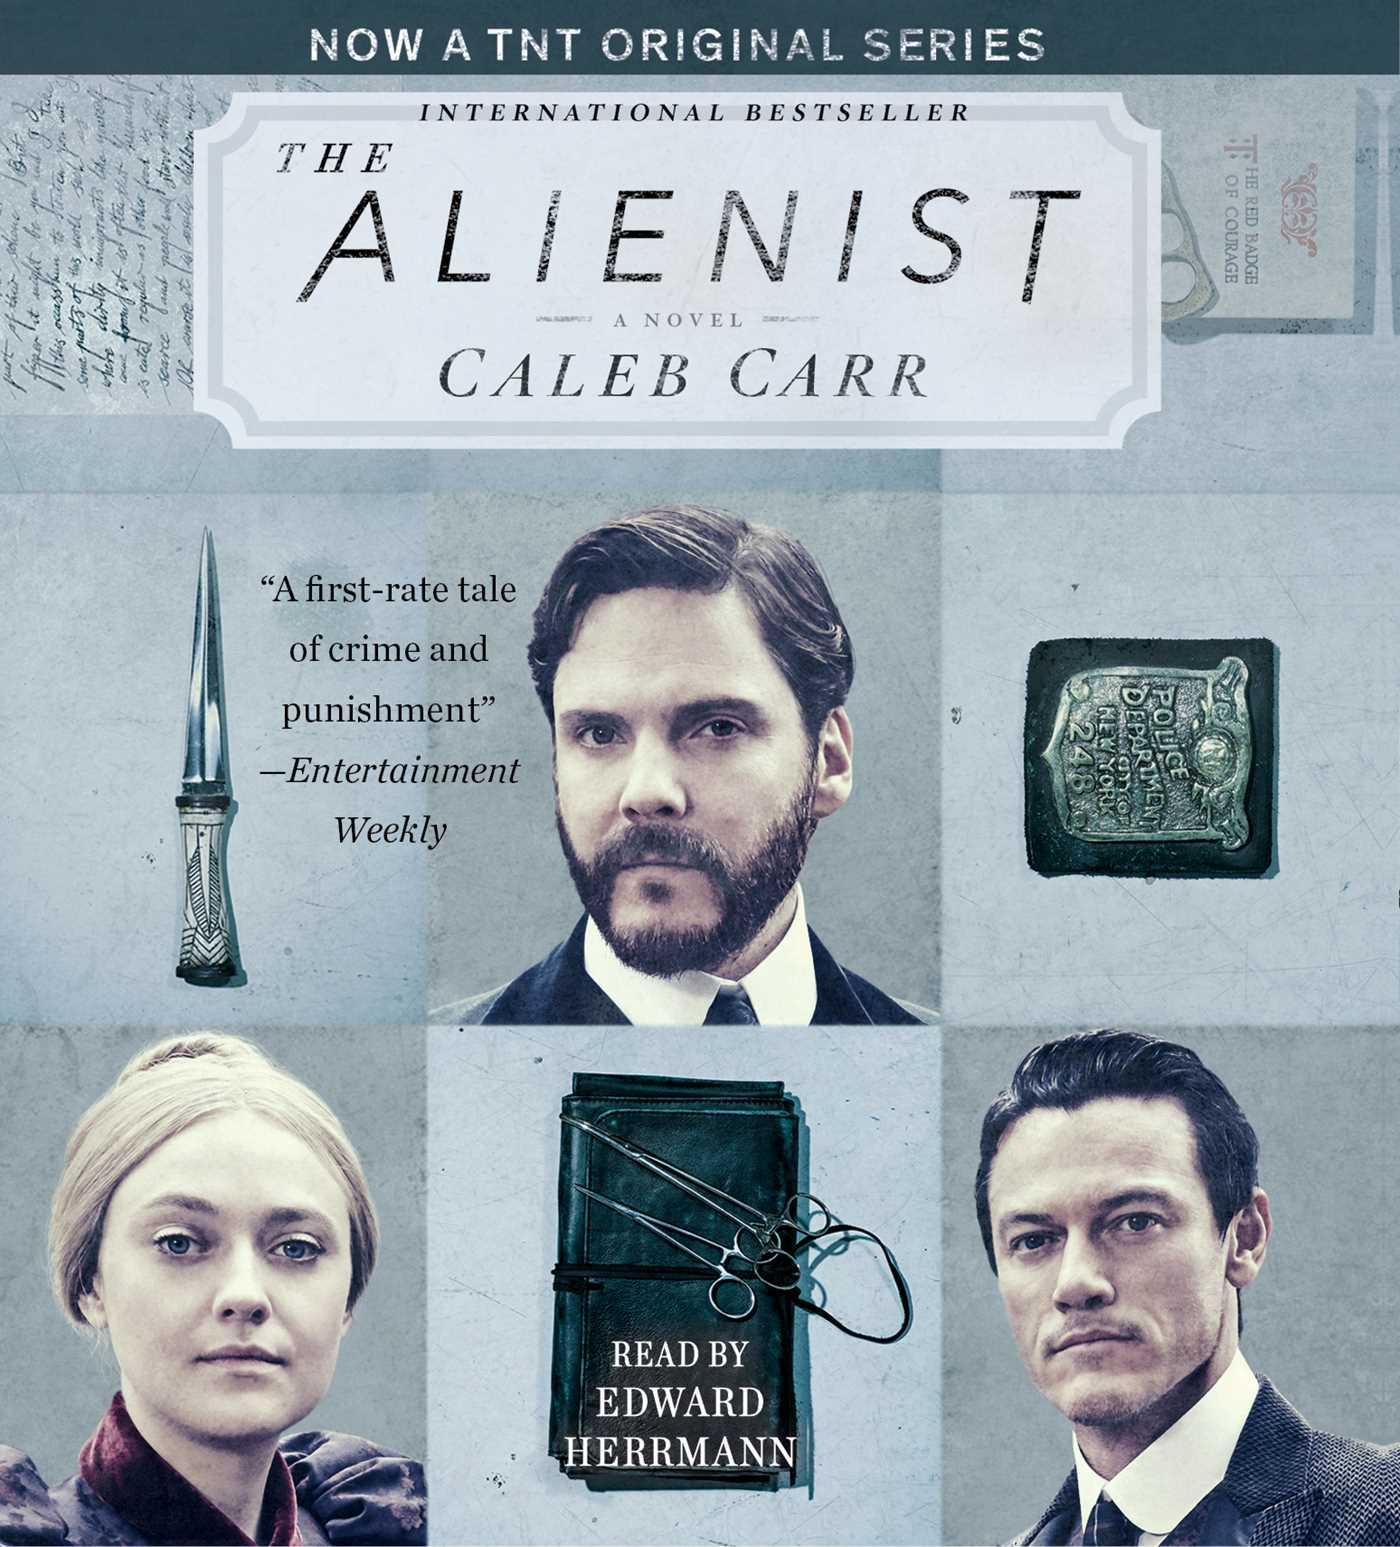 The alienist 9781508257332 hr